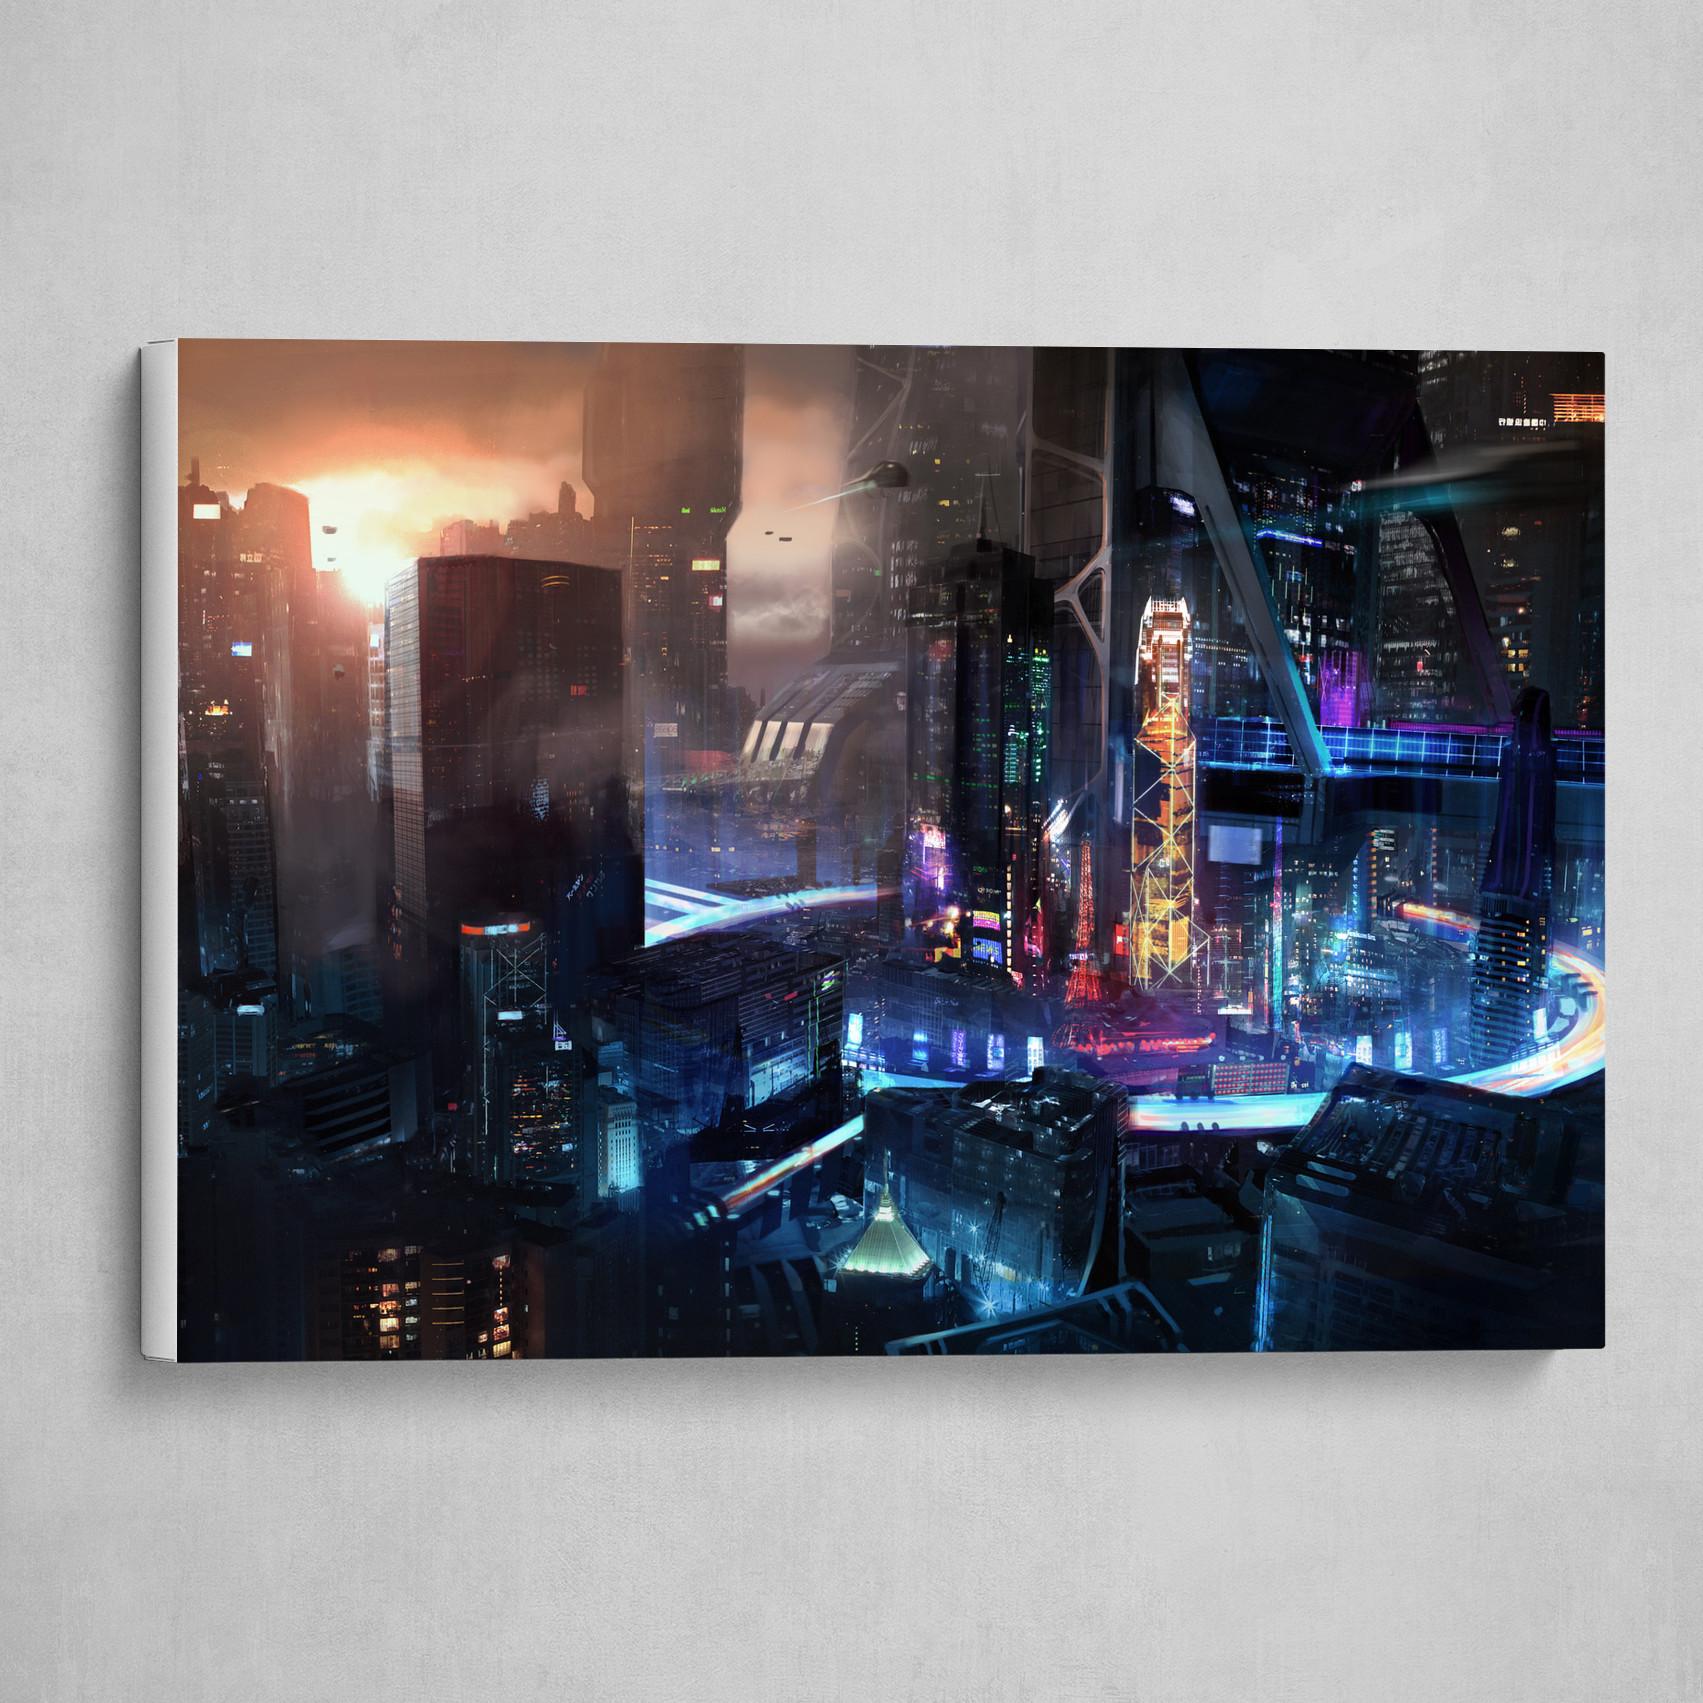 Cyberpunk Views